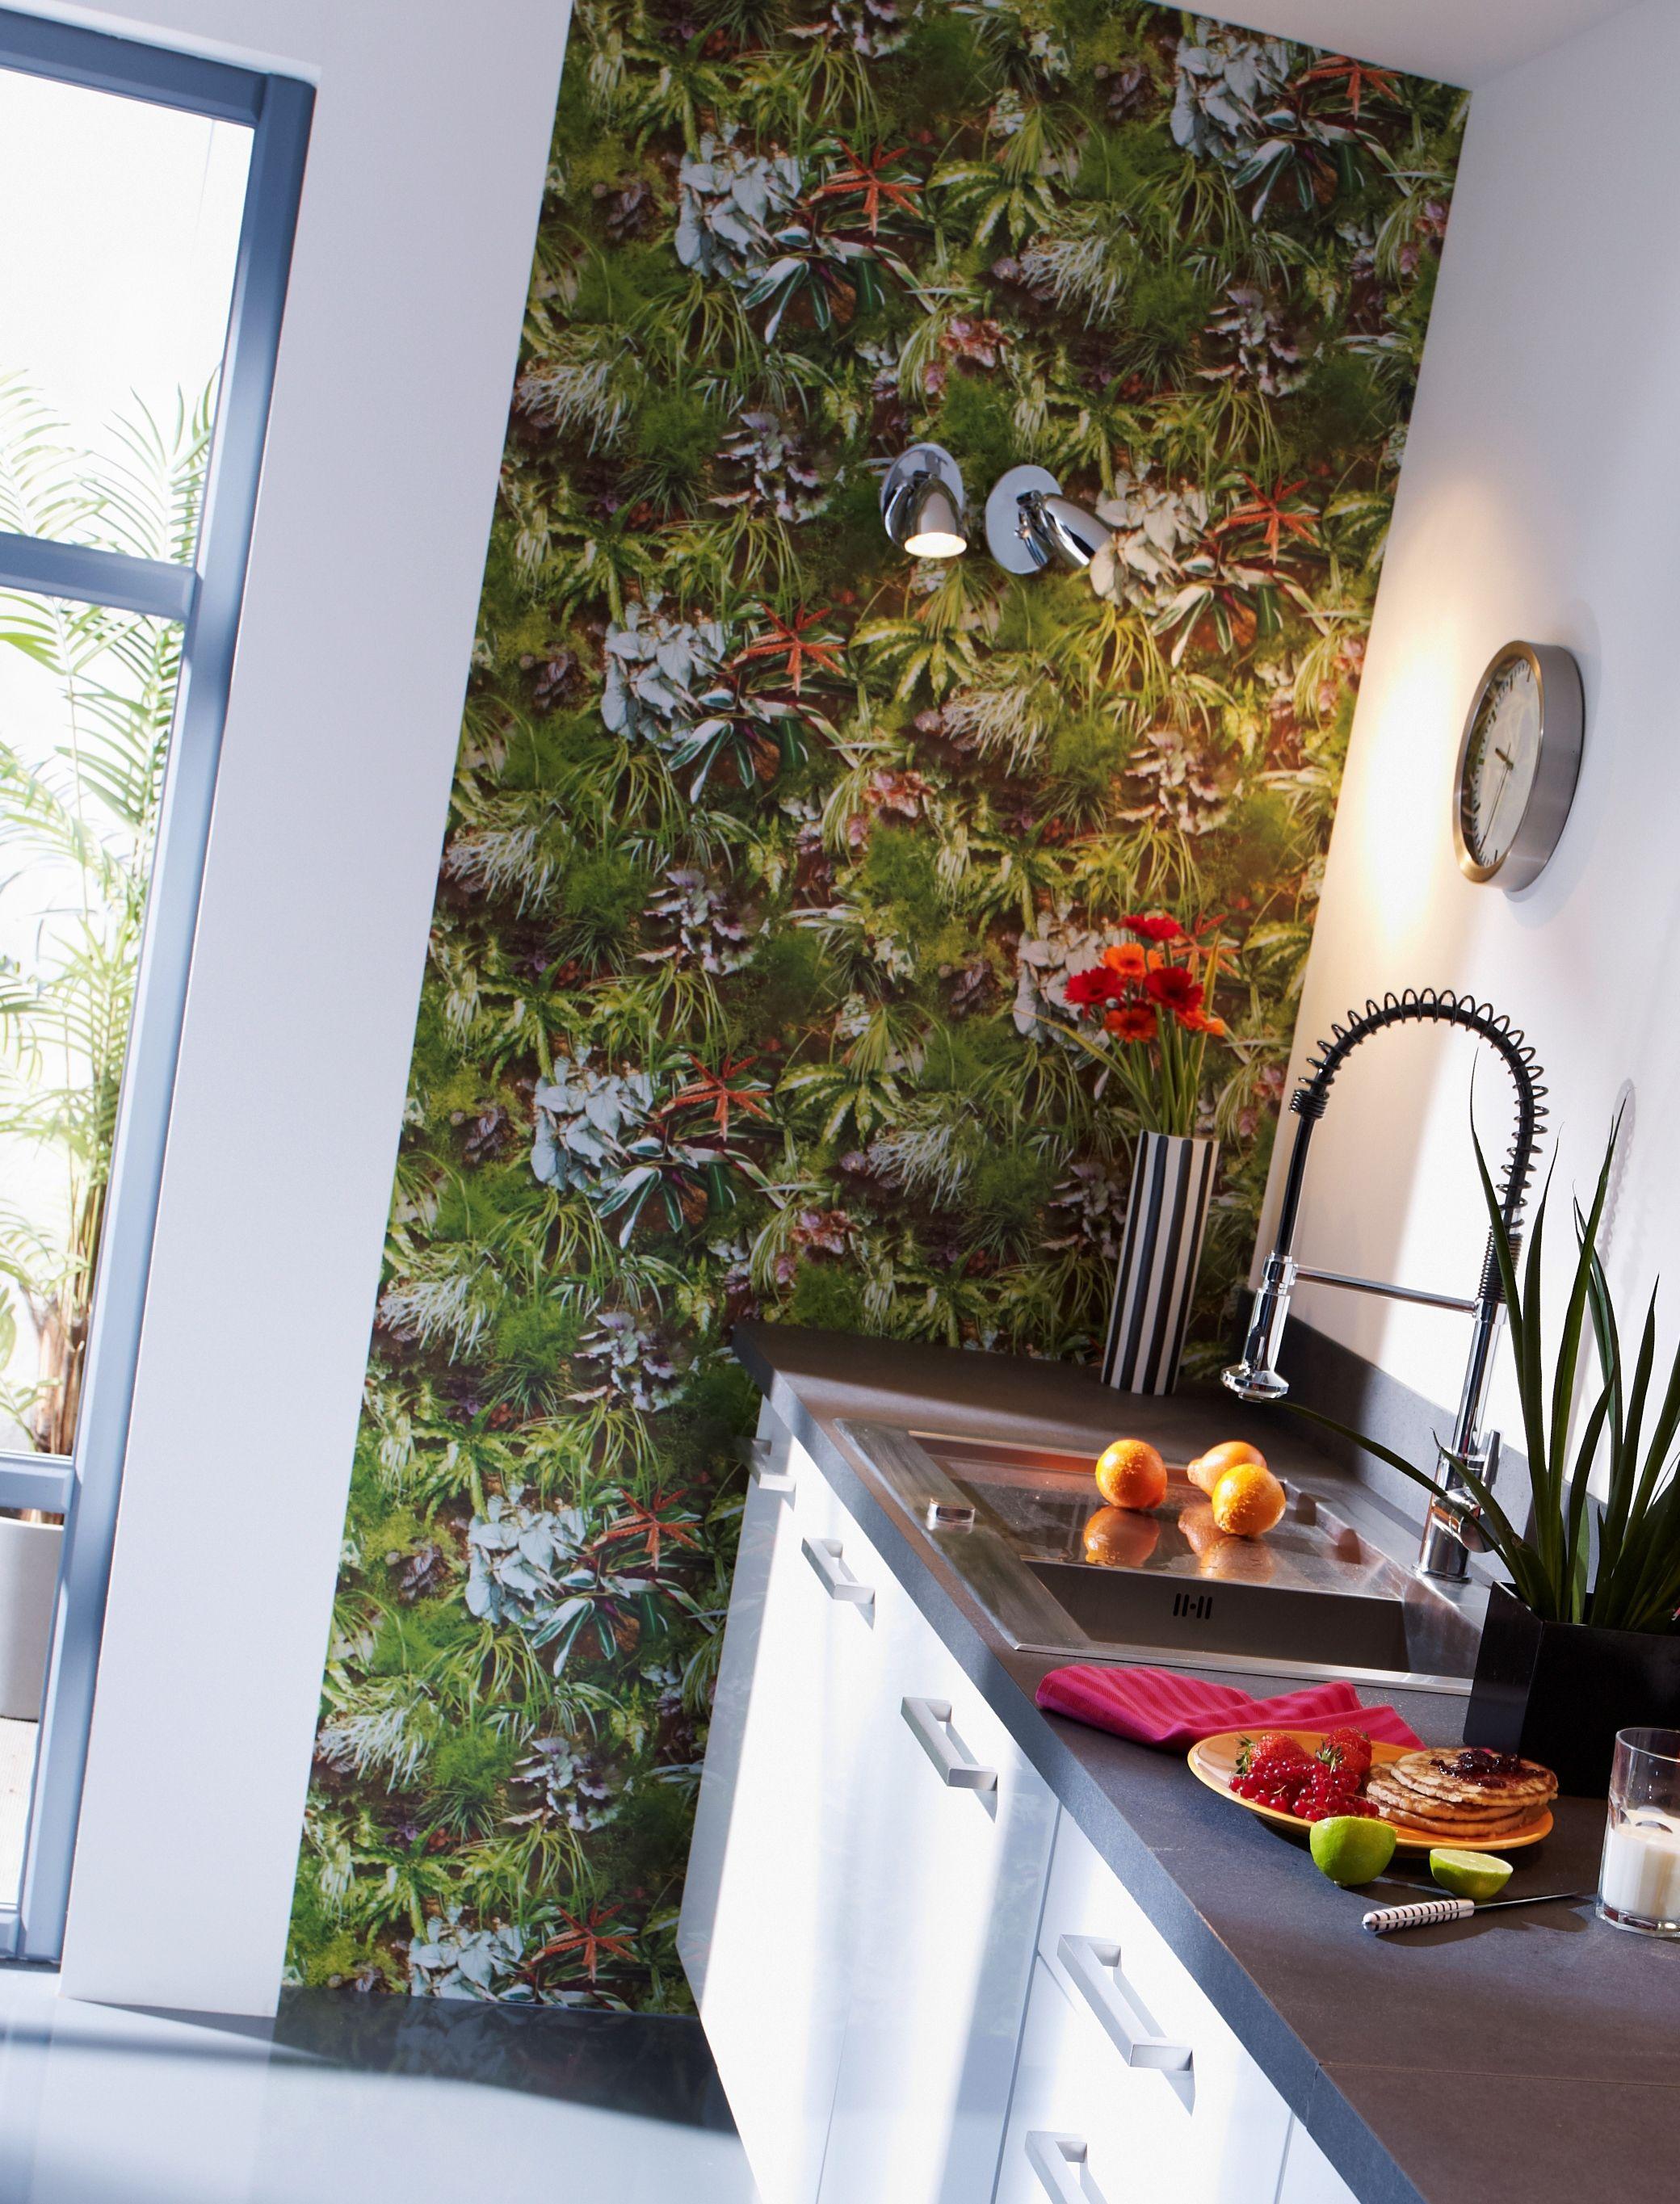 Ambiance déco tropicale dans la cuisine avec ce papier-peint vert